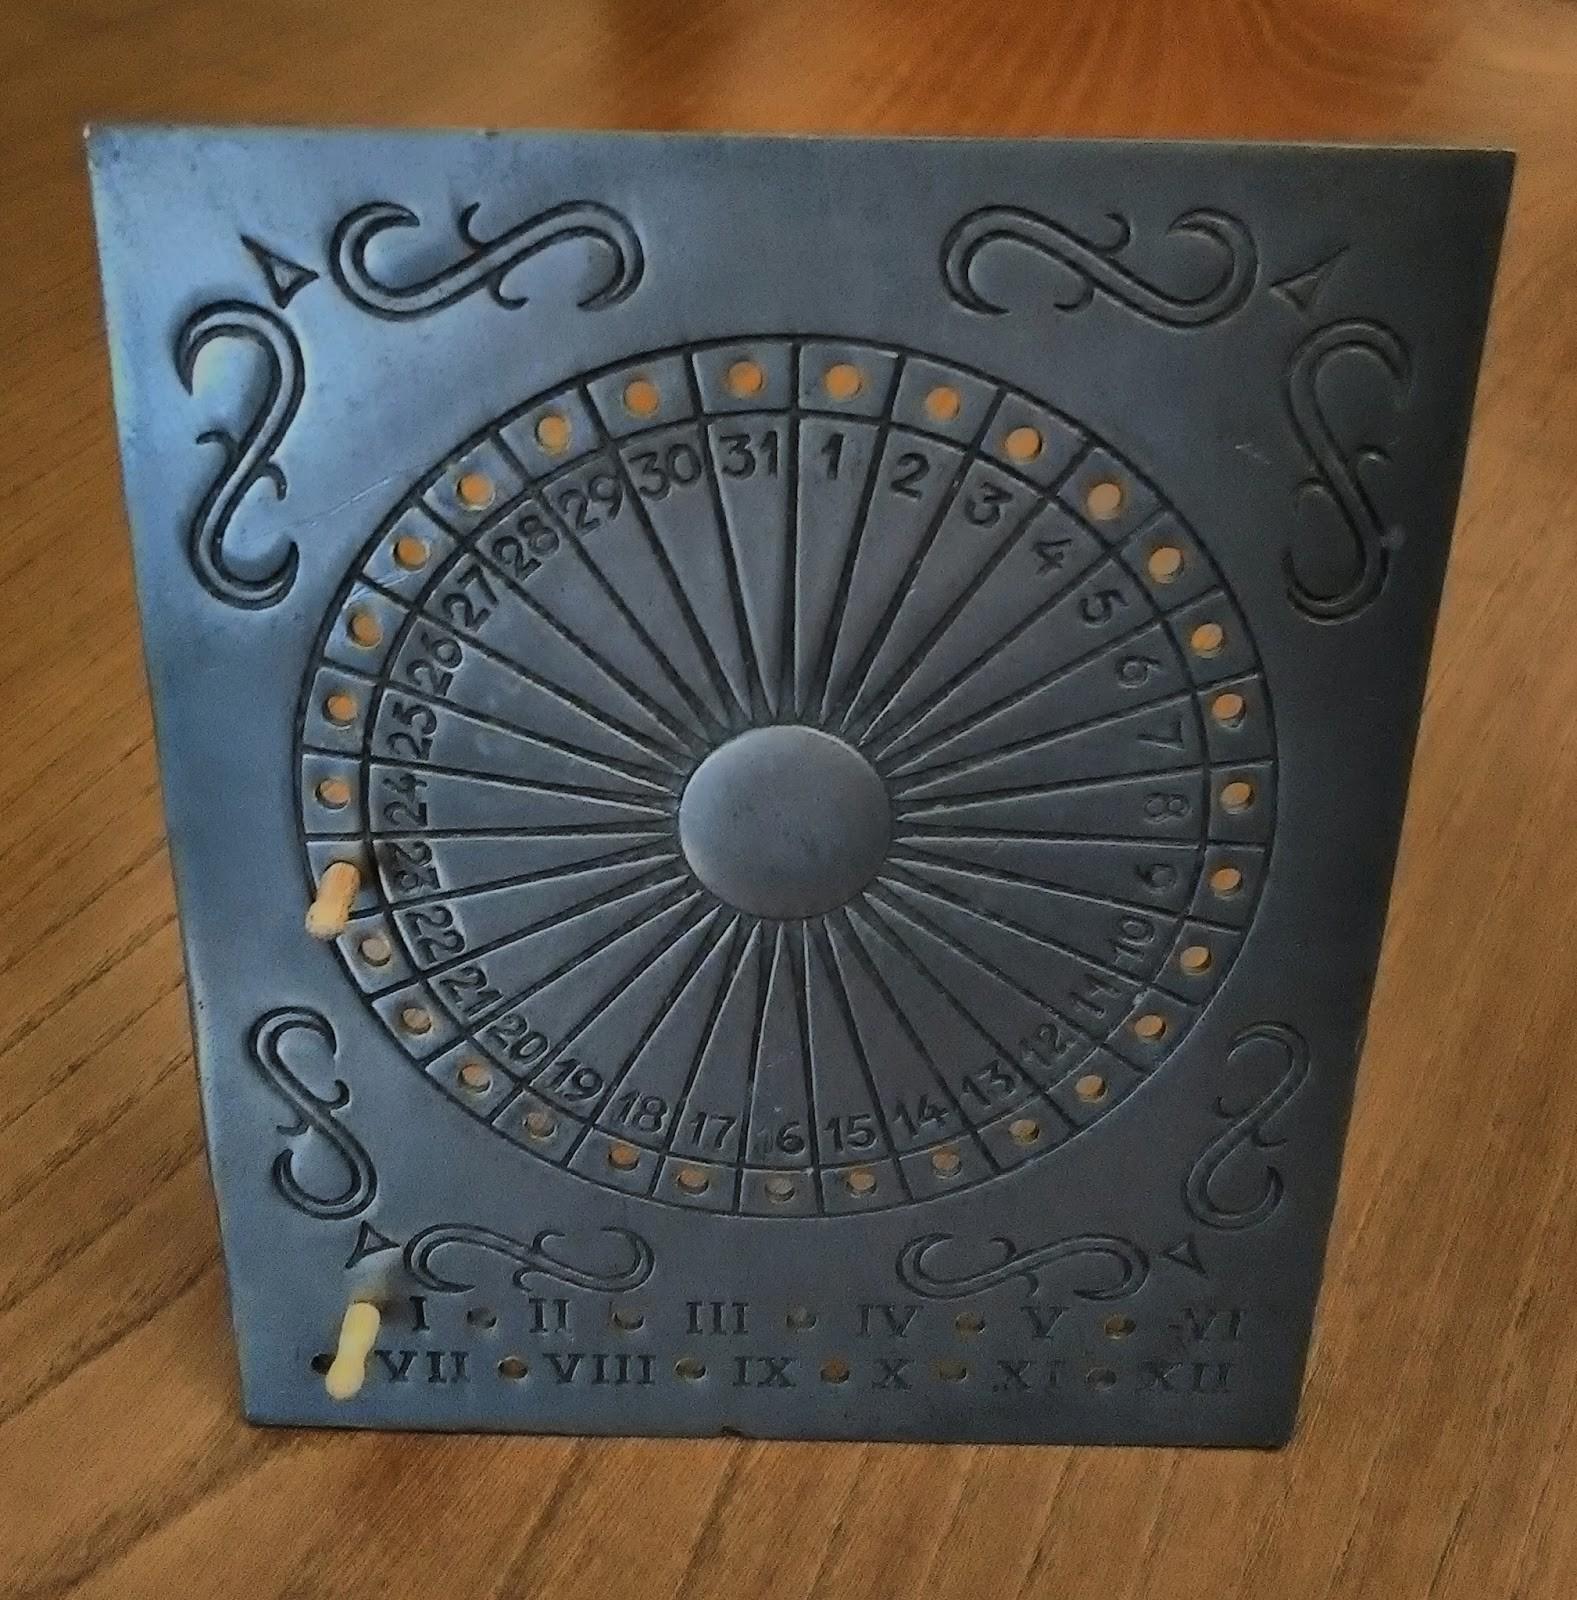 Calendário Gregoriano perpétuo em estanho de secretária apresentado o dia 23 de janeiro col pess